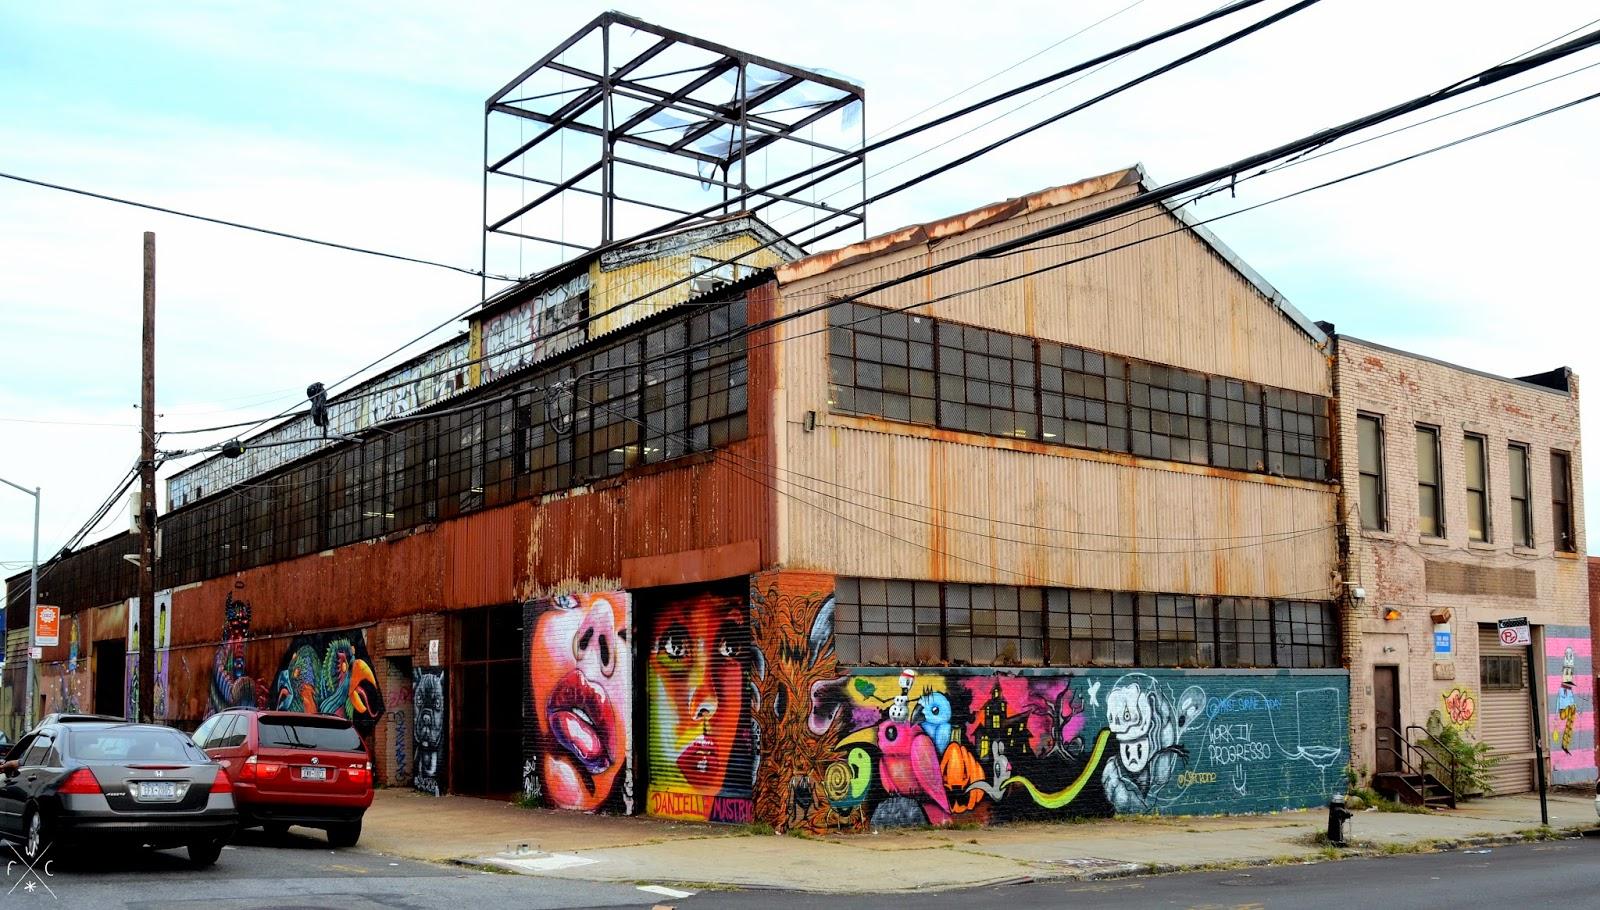 Bushwick, Brooklyn, New York, USA